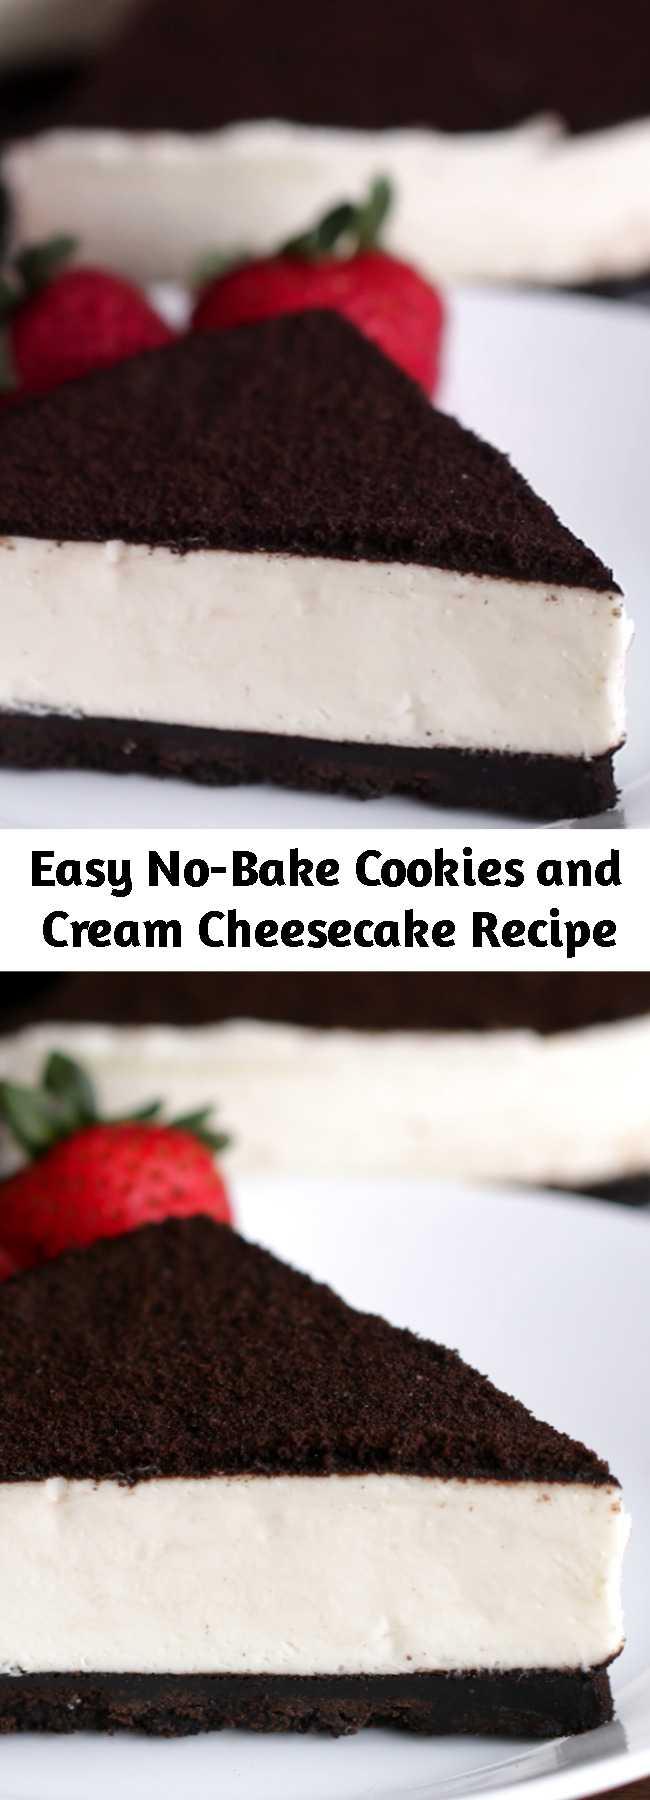 Easy No-Bake Cookies and Cream Cheesecake Recipe